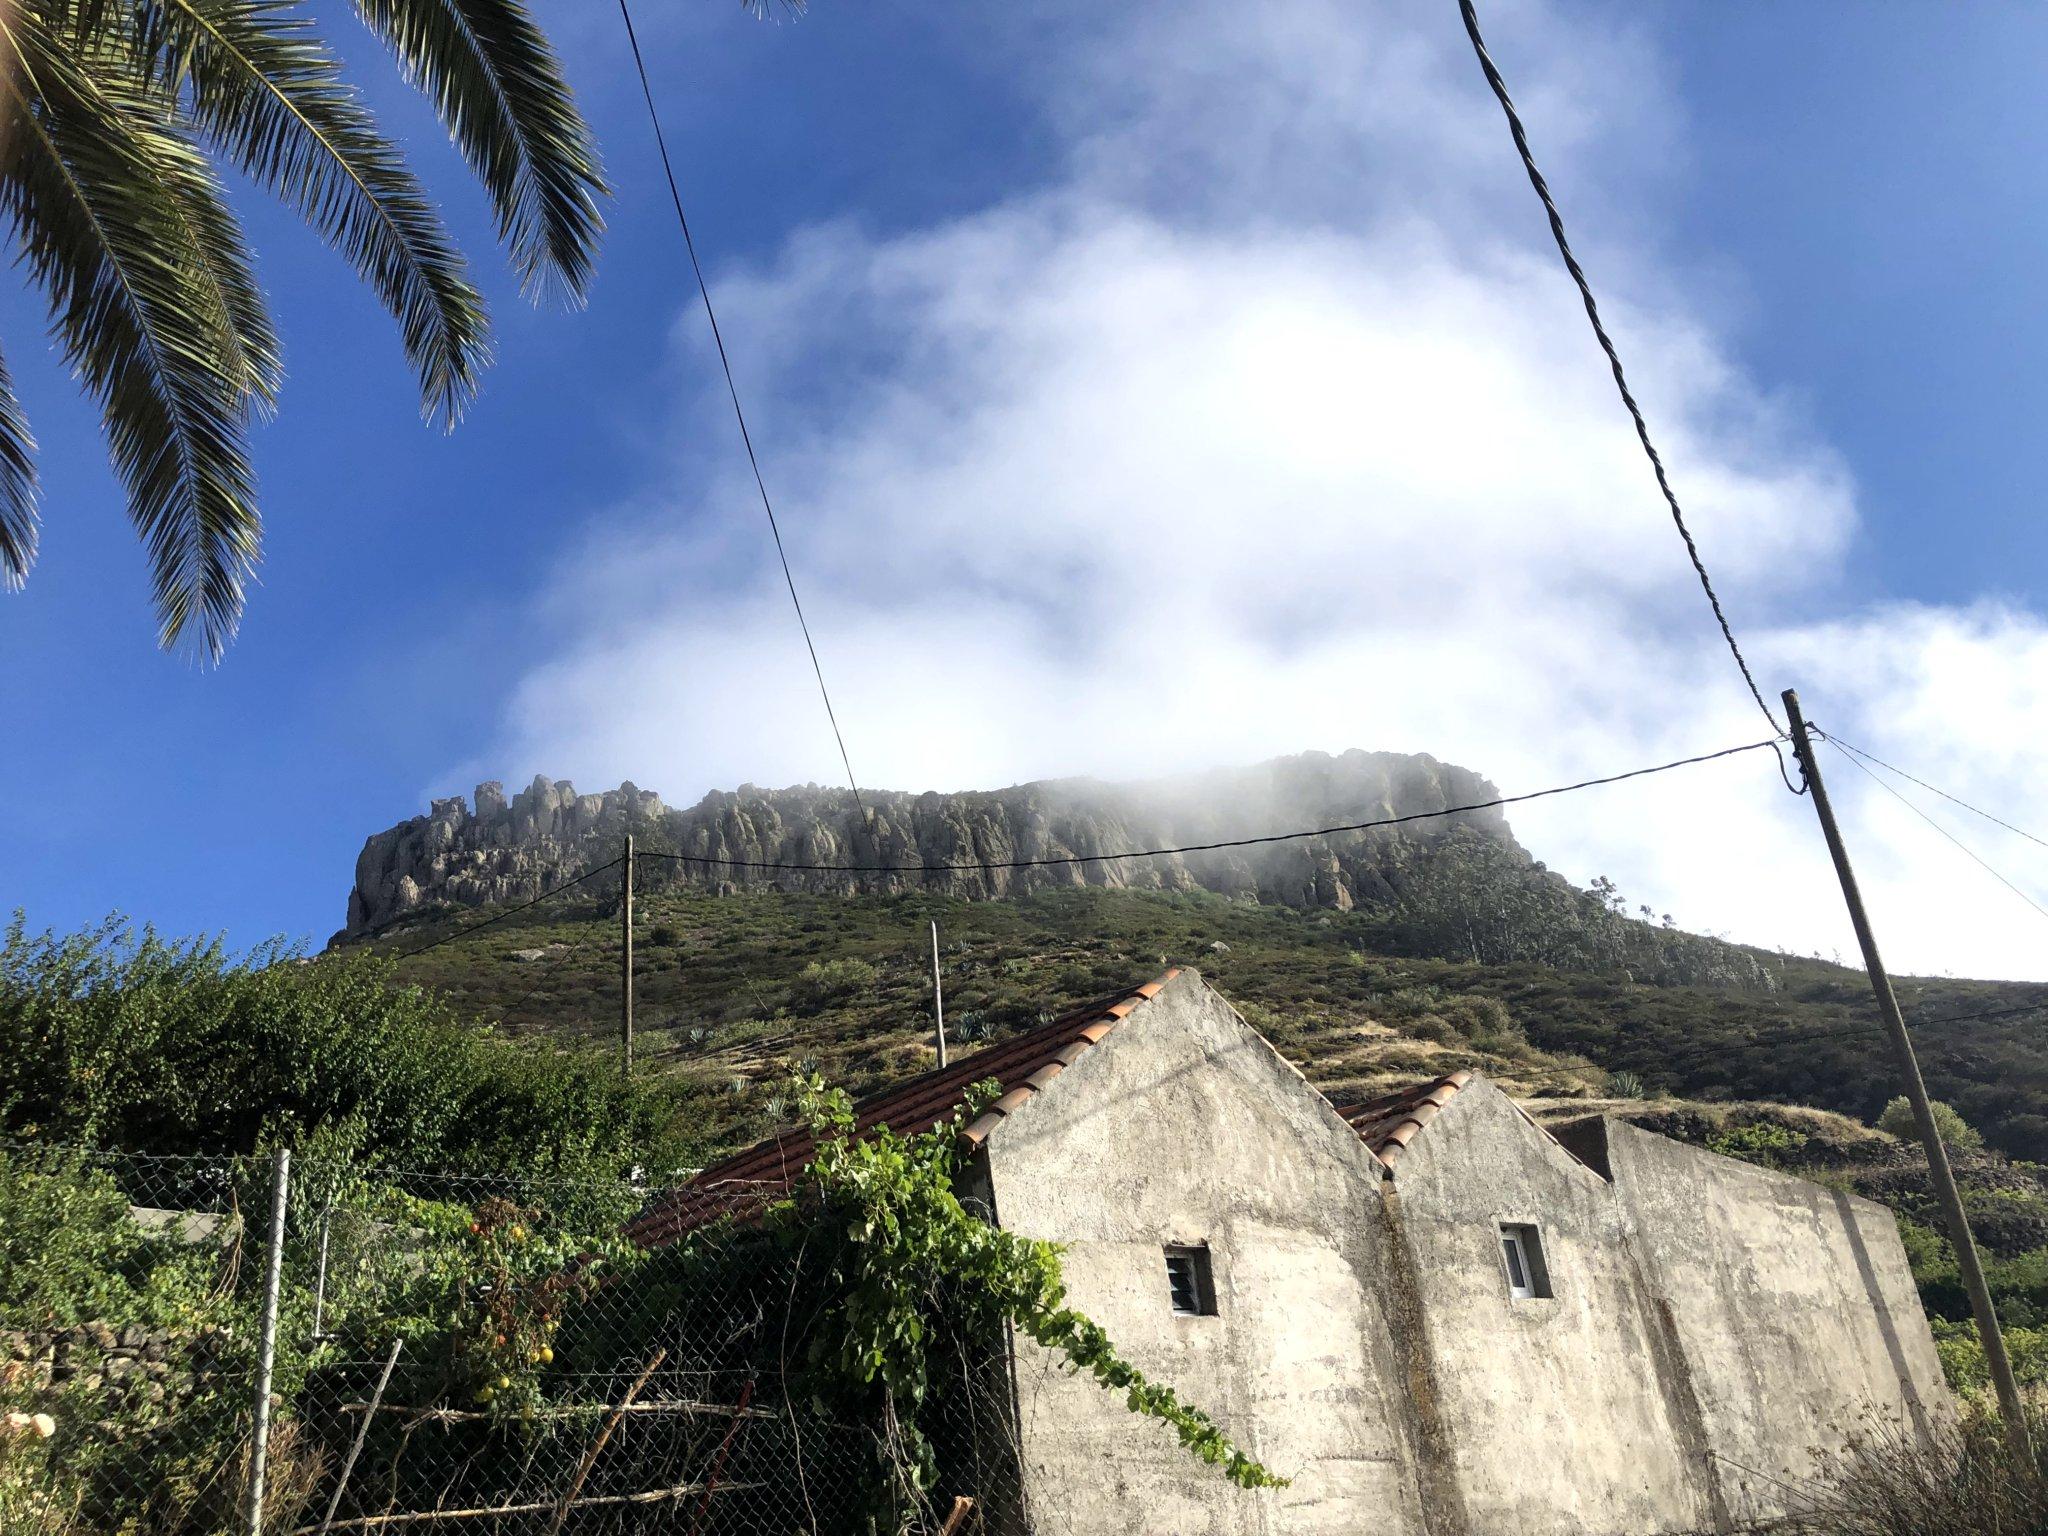 Imagen del accidente geográfico La Fortaleza de Chipude. Enlace a Wikipedia (Abre en ventana nueva).